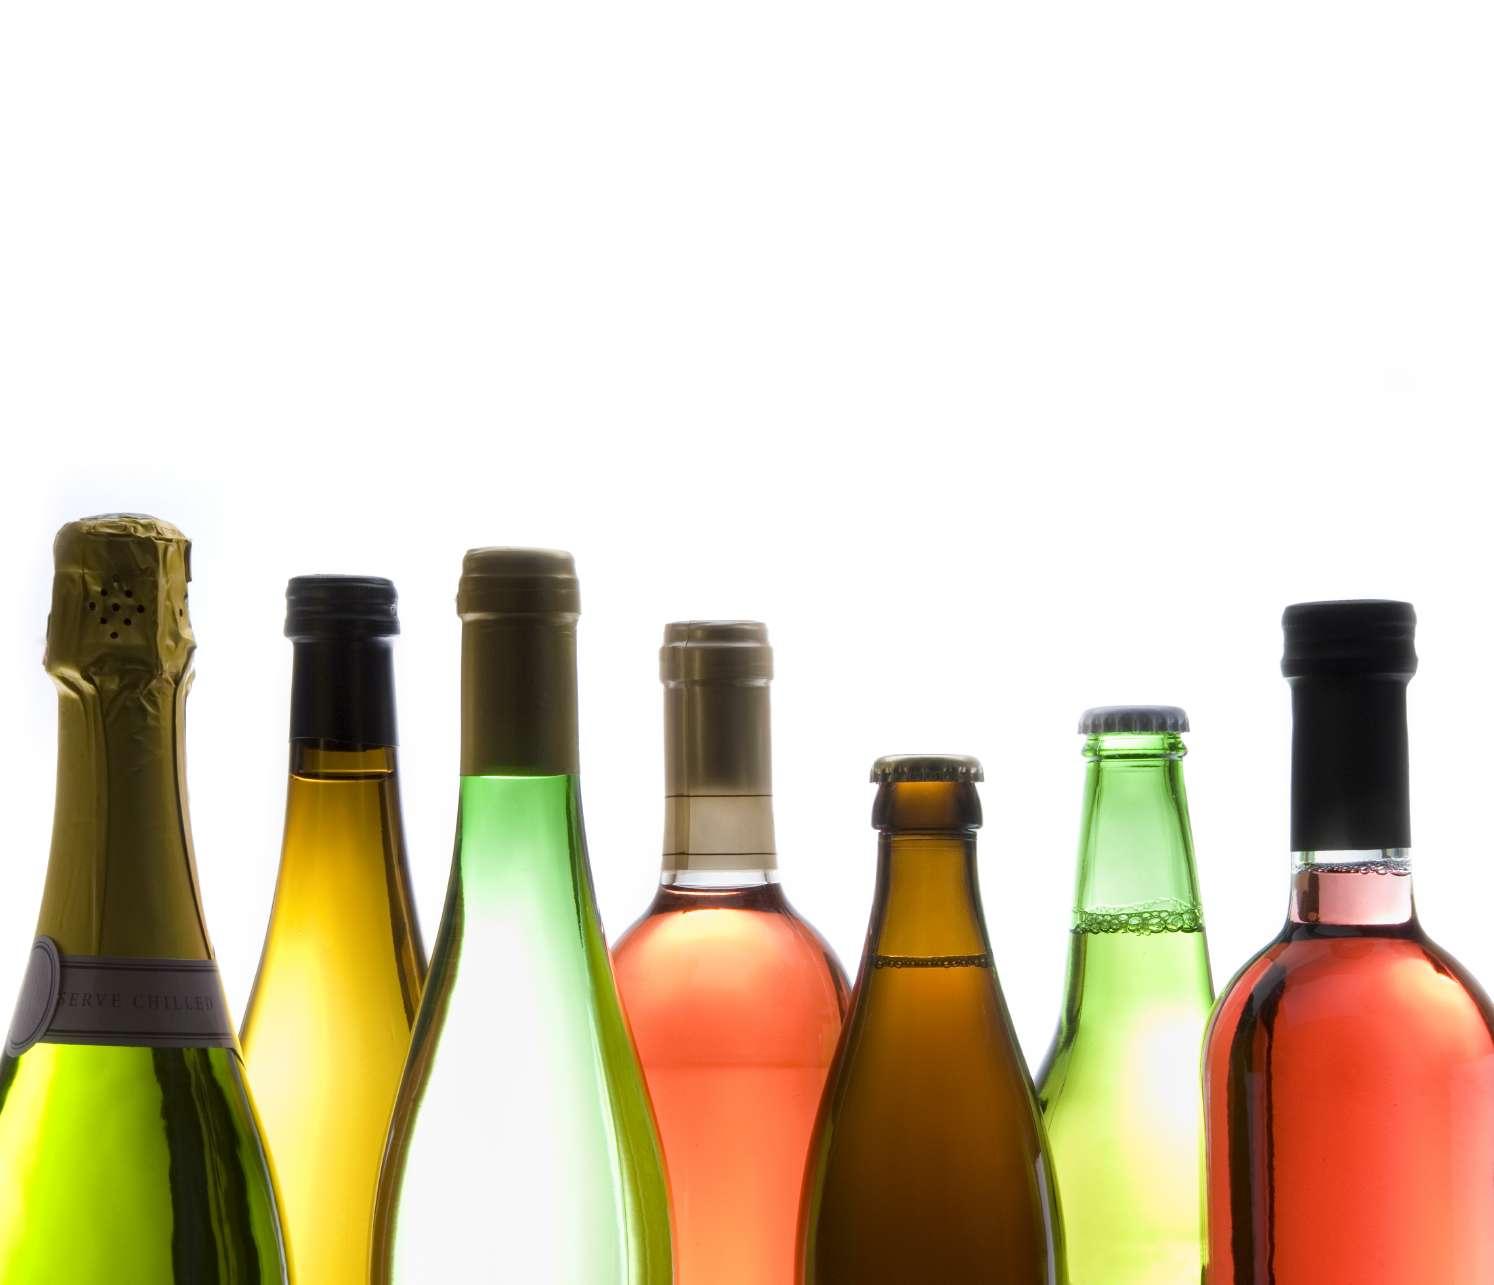 Лечение от алкоголизма по довженко в киеве алкоголизм препараты